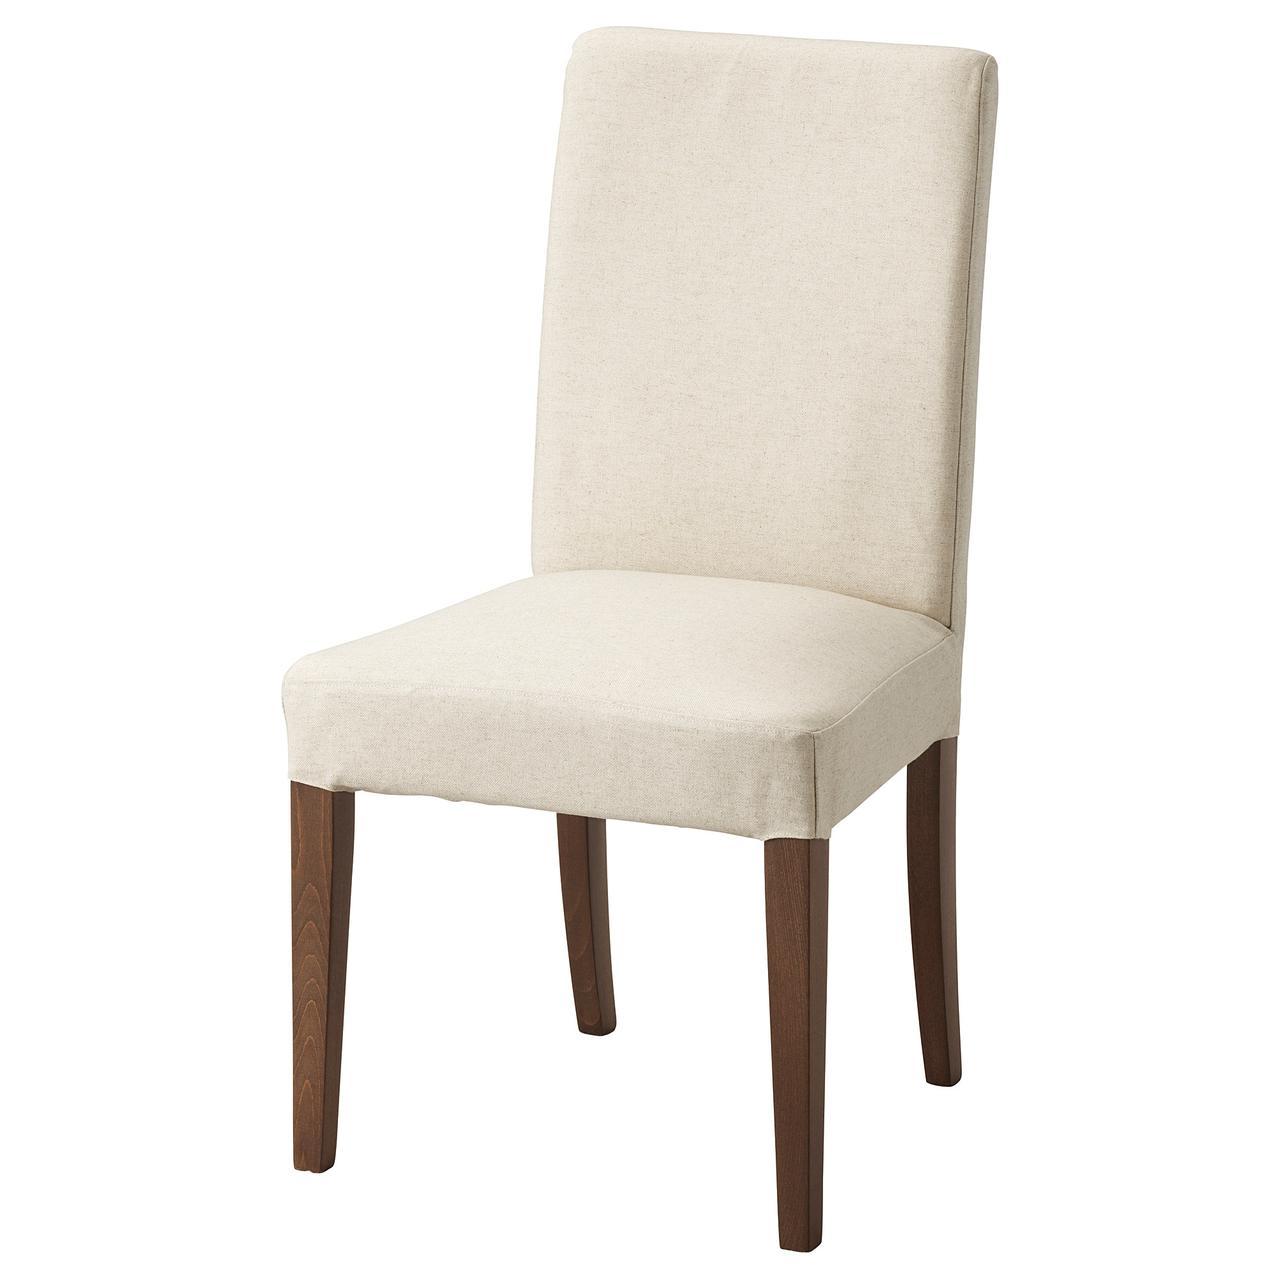 Кресло кухонное IKEA HENRIKSDAL Linneryd коричневое светло-бежевое 092.208.18